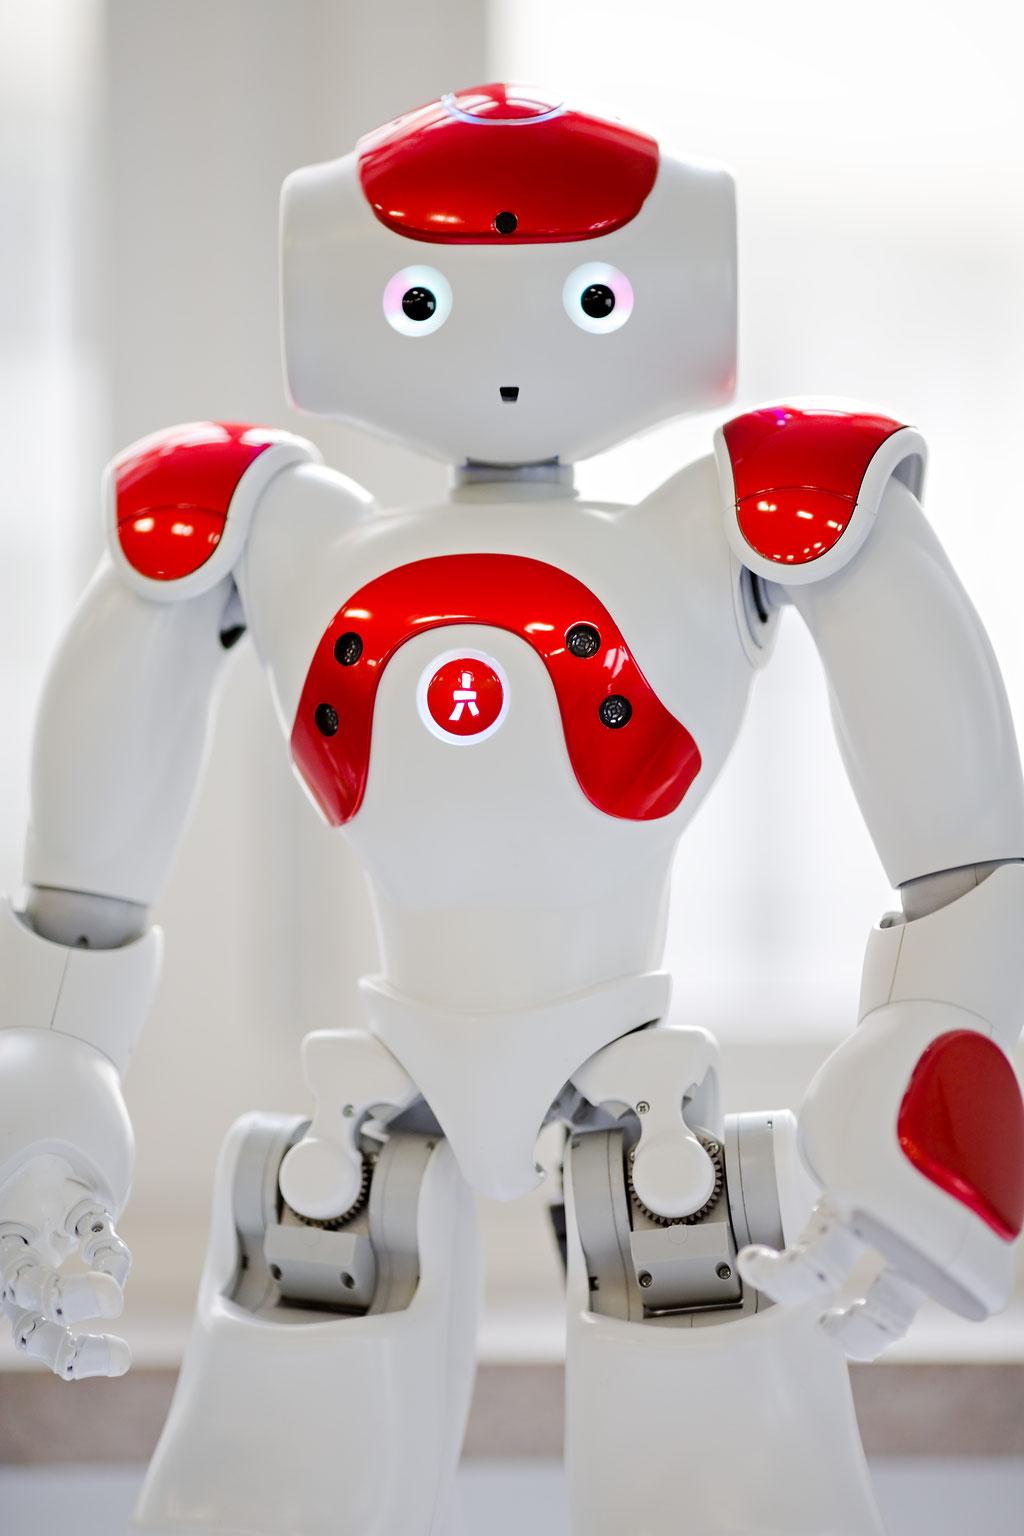 Nao, der interaktive Begleitroboter von SoftBank Robotics